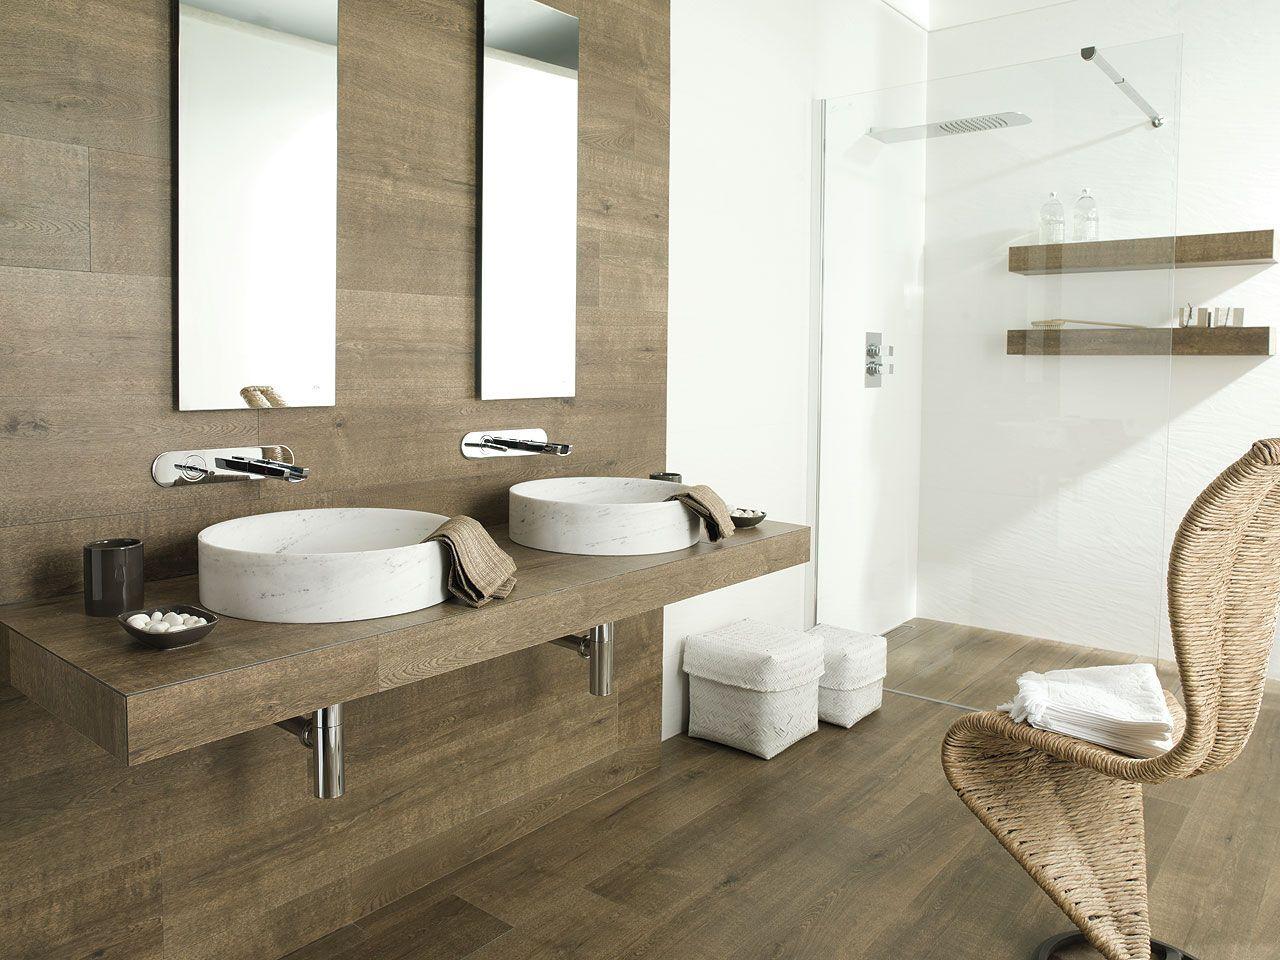 Bagno semplice ~ Bagno con pavimento effetto legno cerca con google project